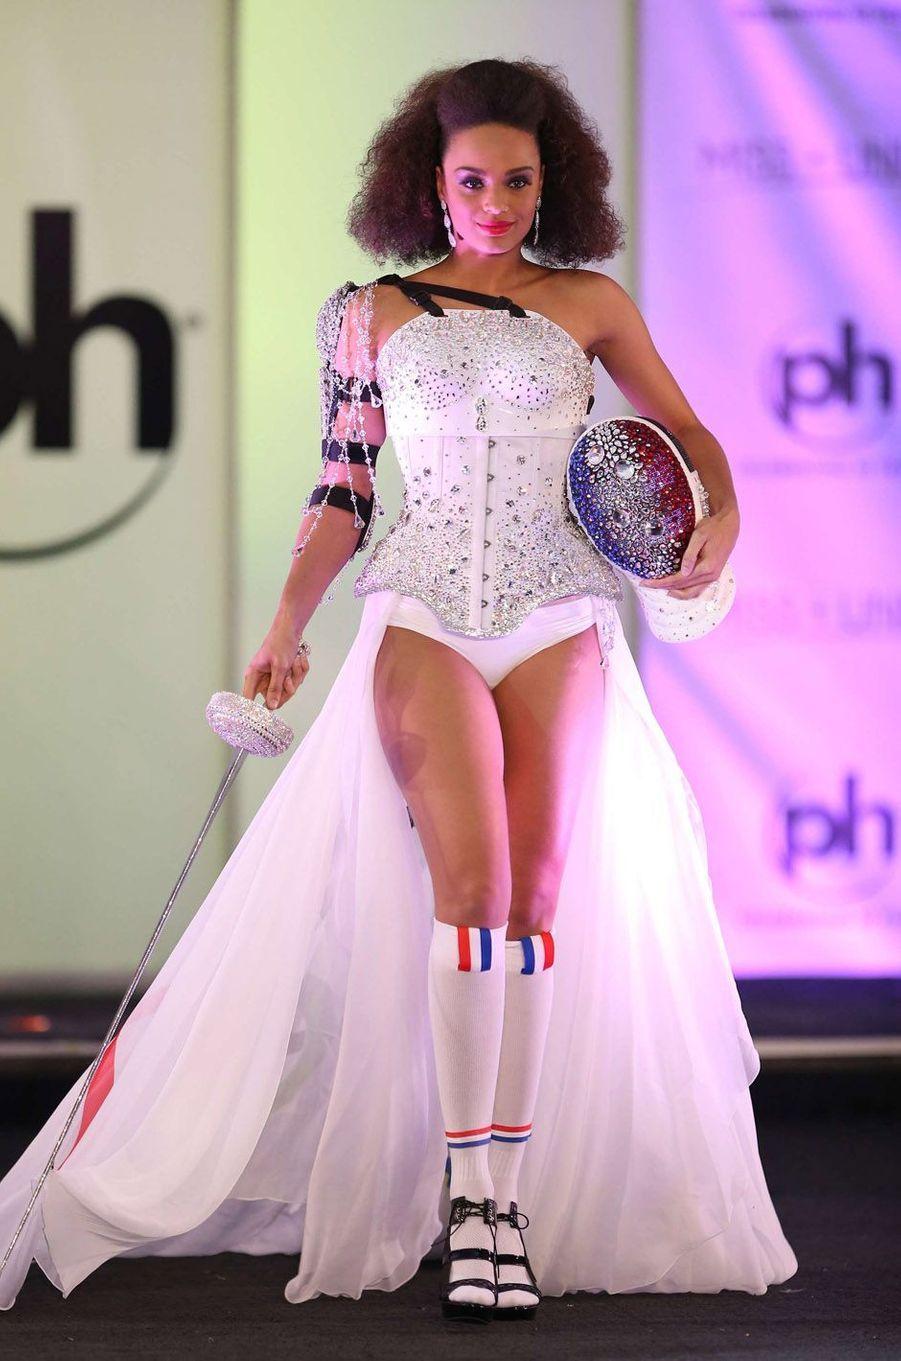 Alicia Aylies en costume national pour le concours Miss Univers, le 18 novembre 2017 à Las Vegas.